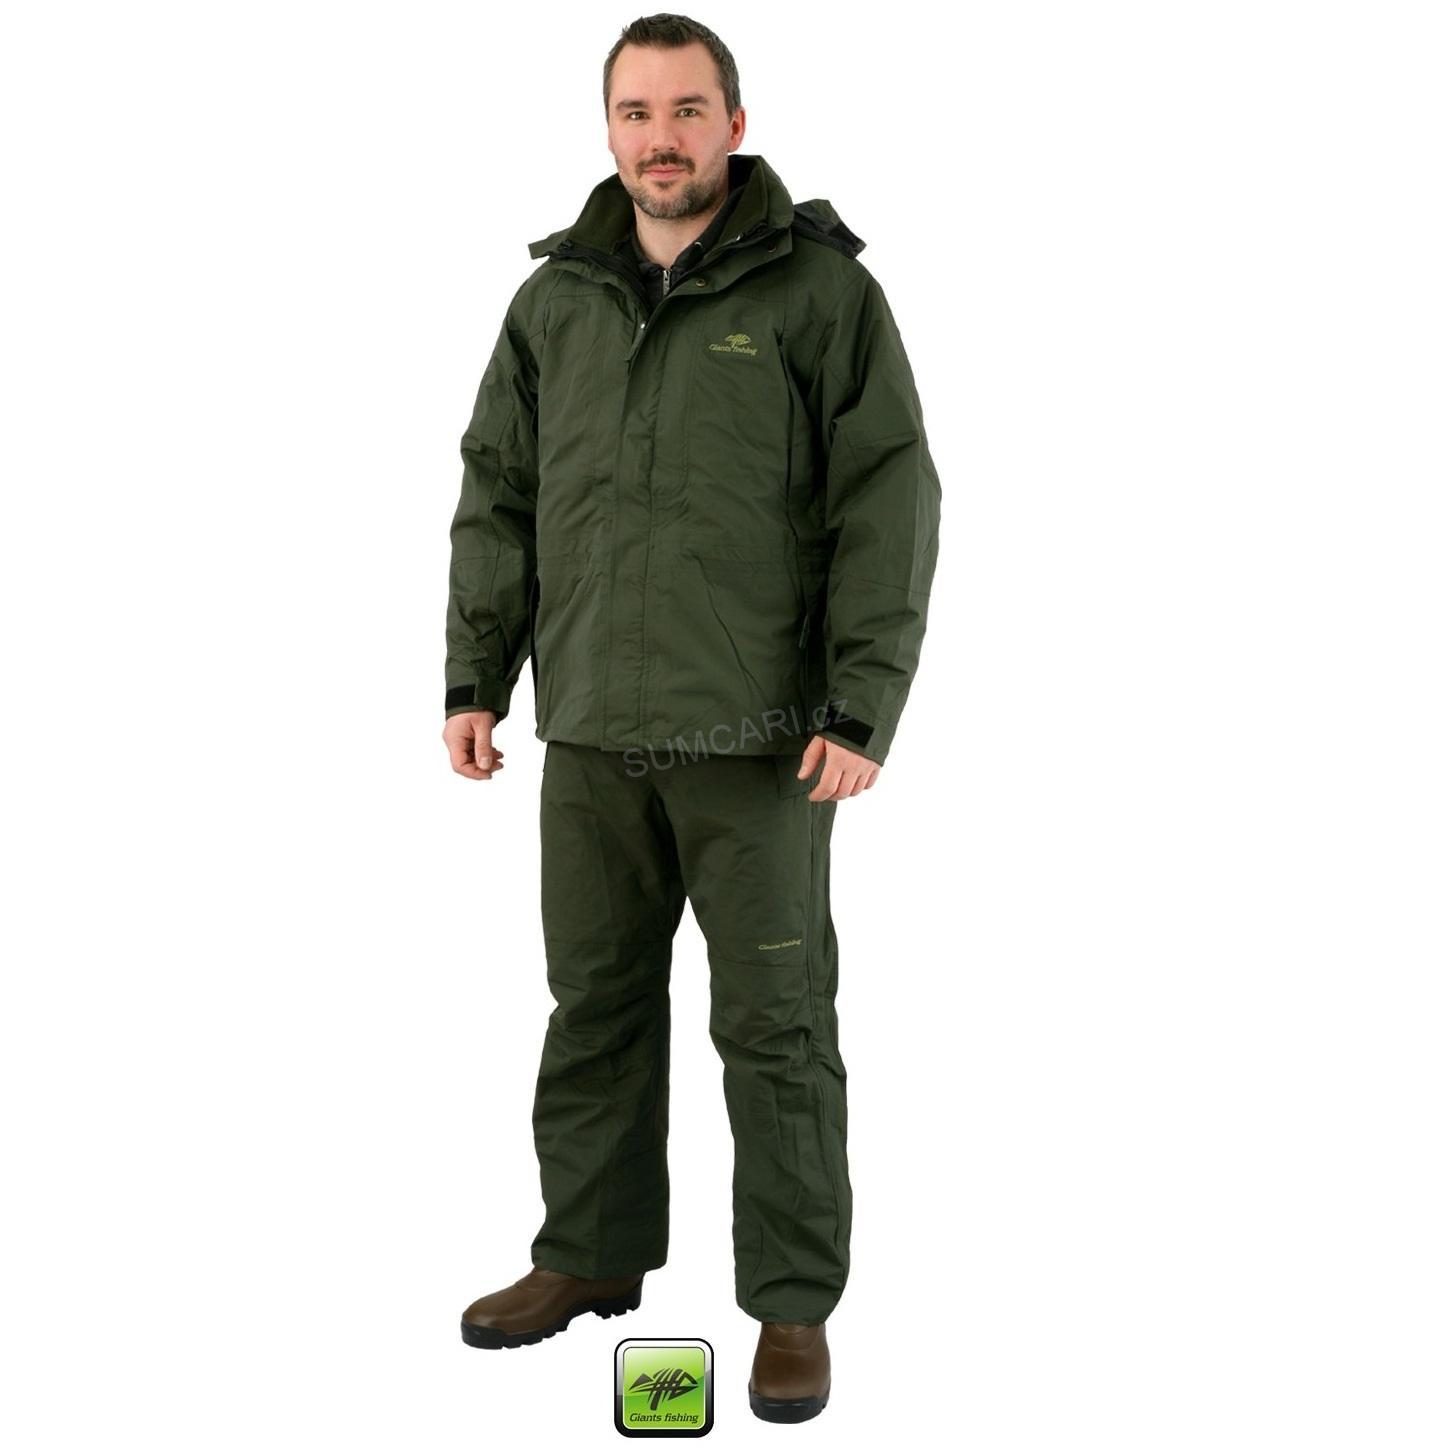 fd8e4a34654 Rybářské nepromokavé oblečení Giants Fishing Exclusive Suit velikost L